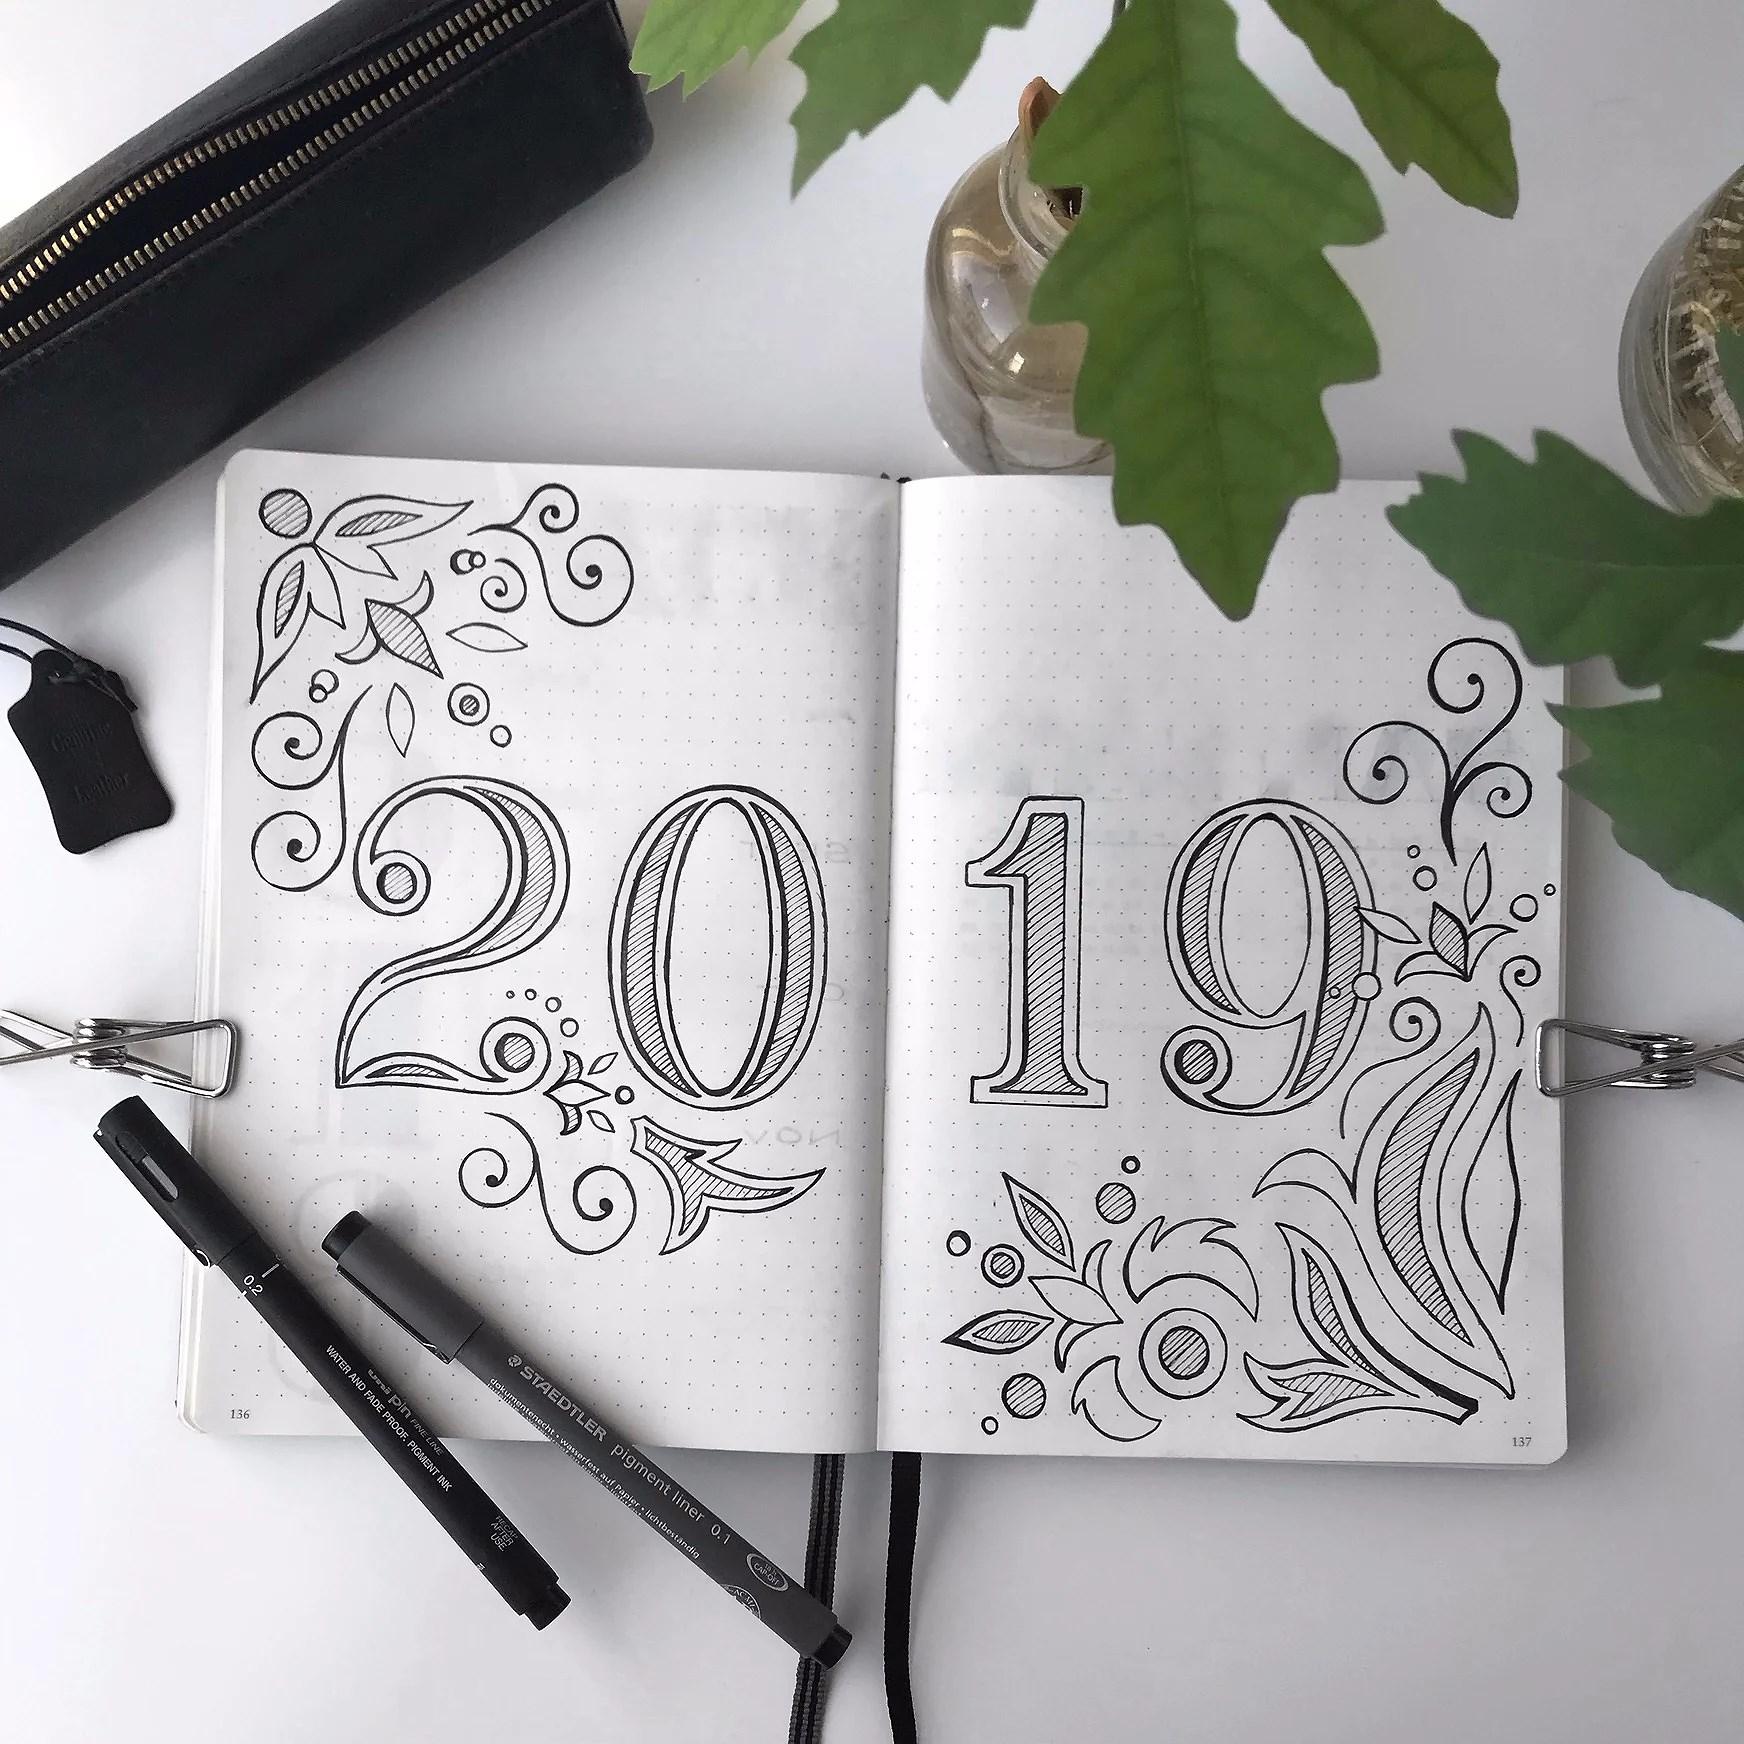 Nytt år - nya mål och idéer